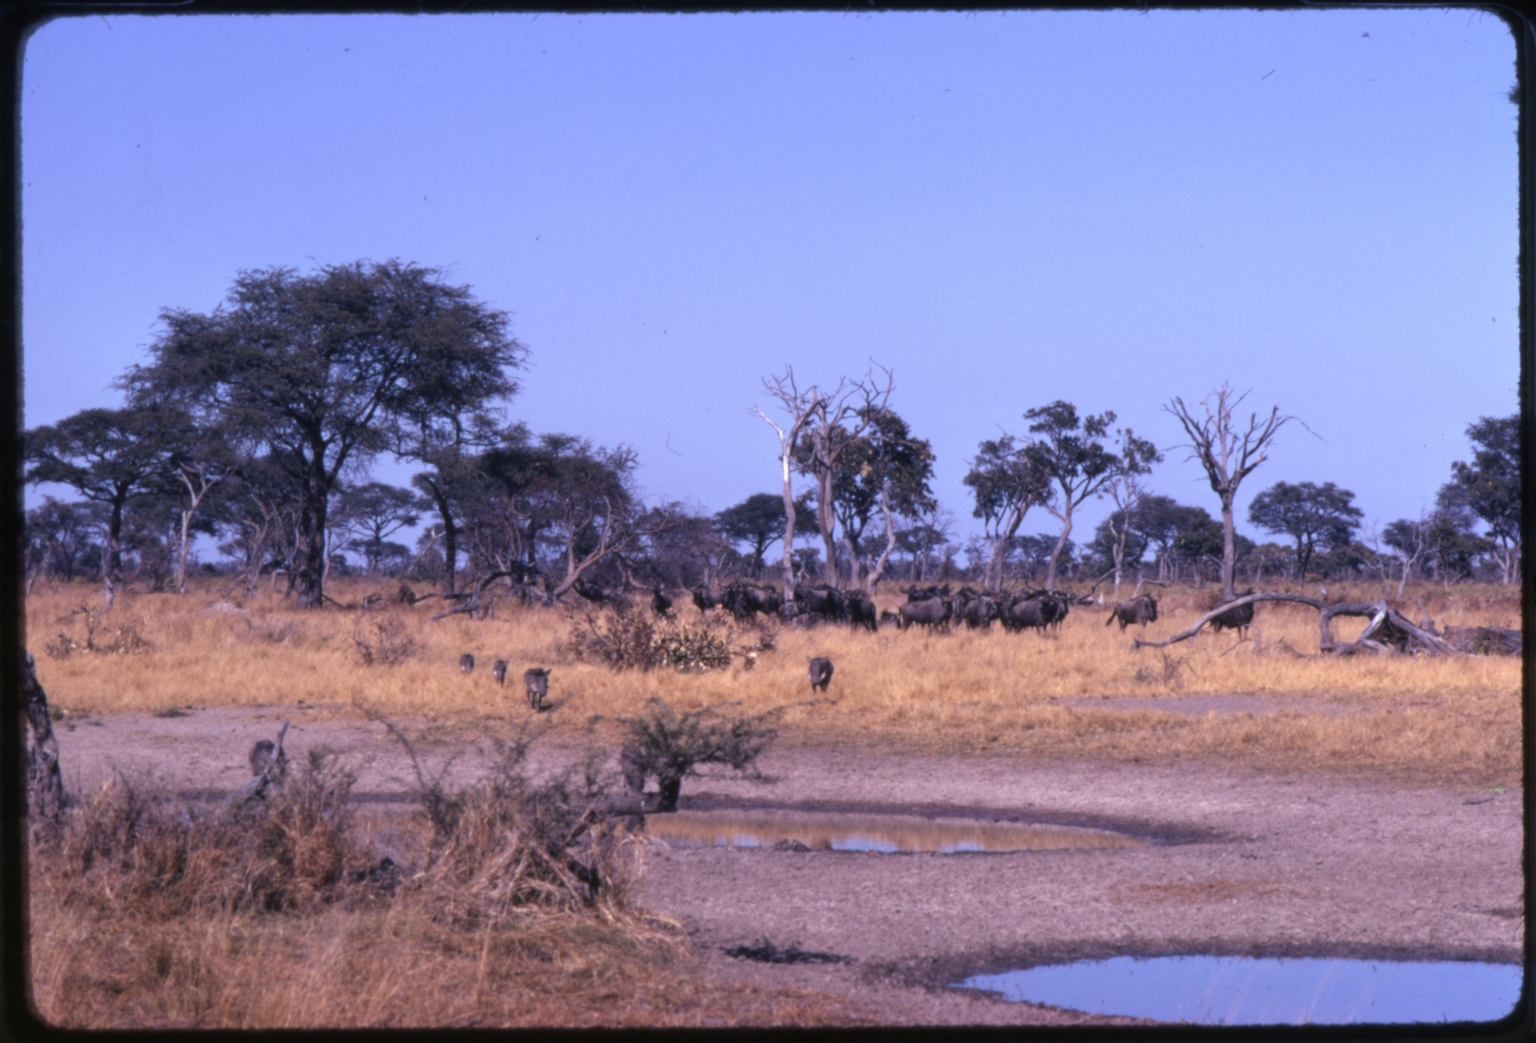 Warthogs and Wildebeest